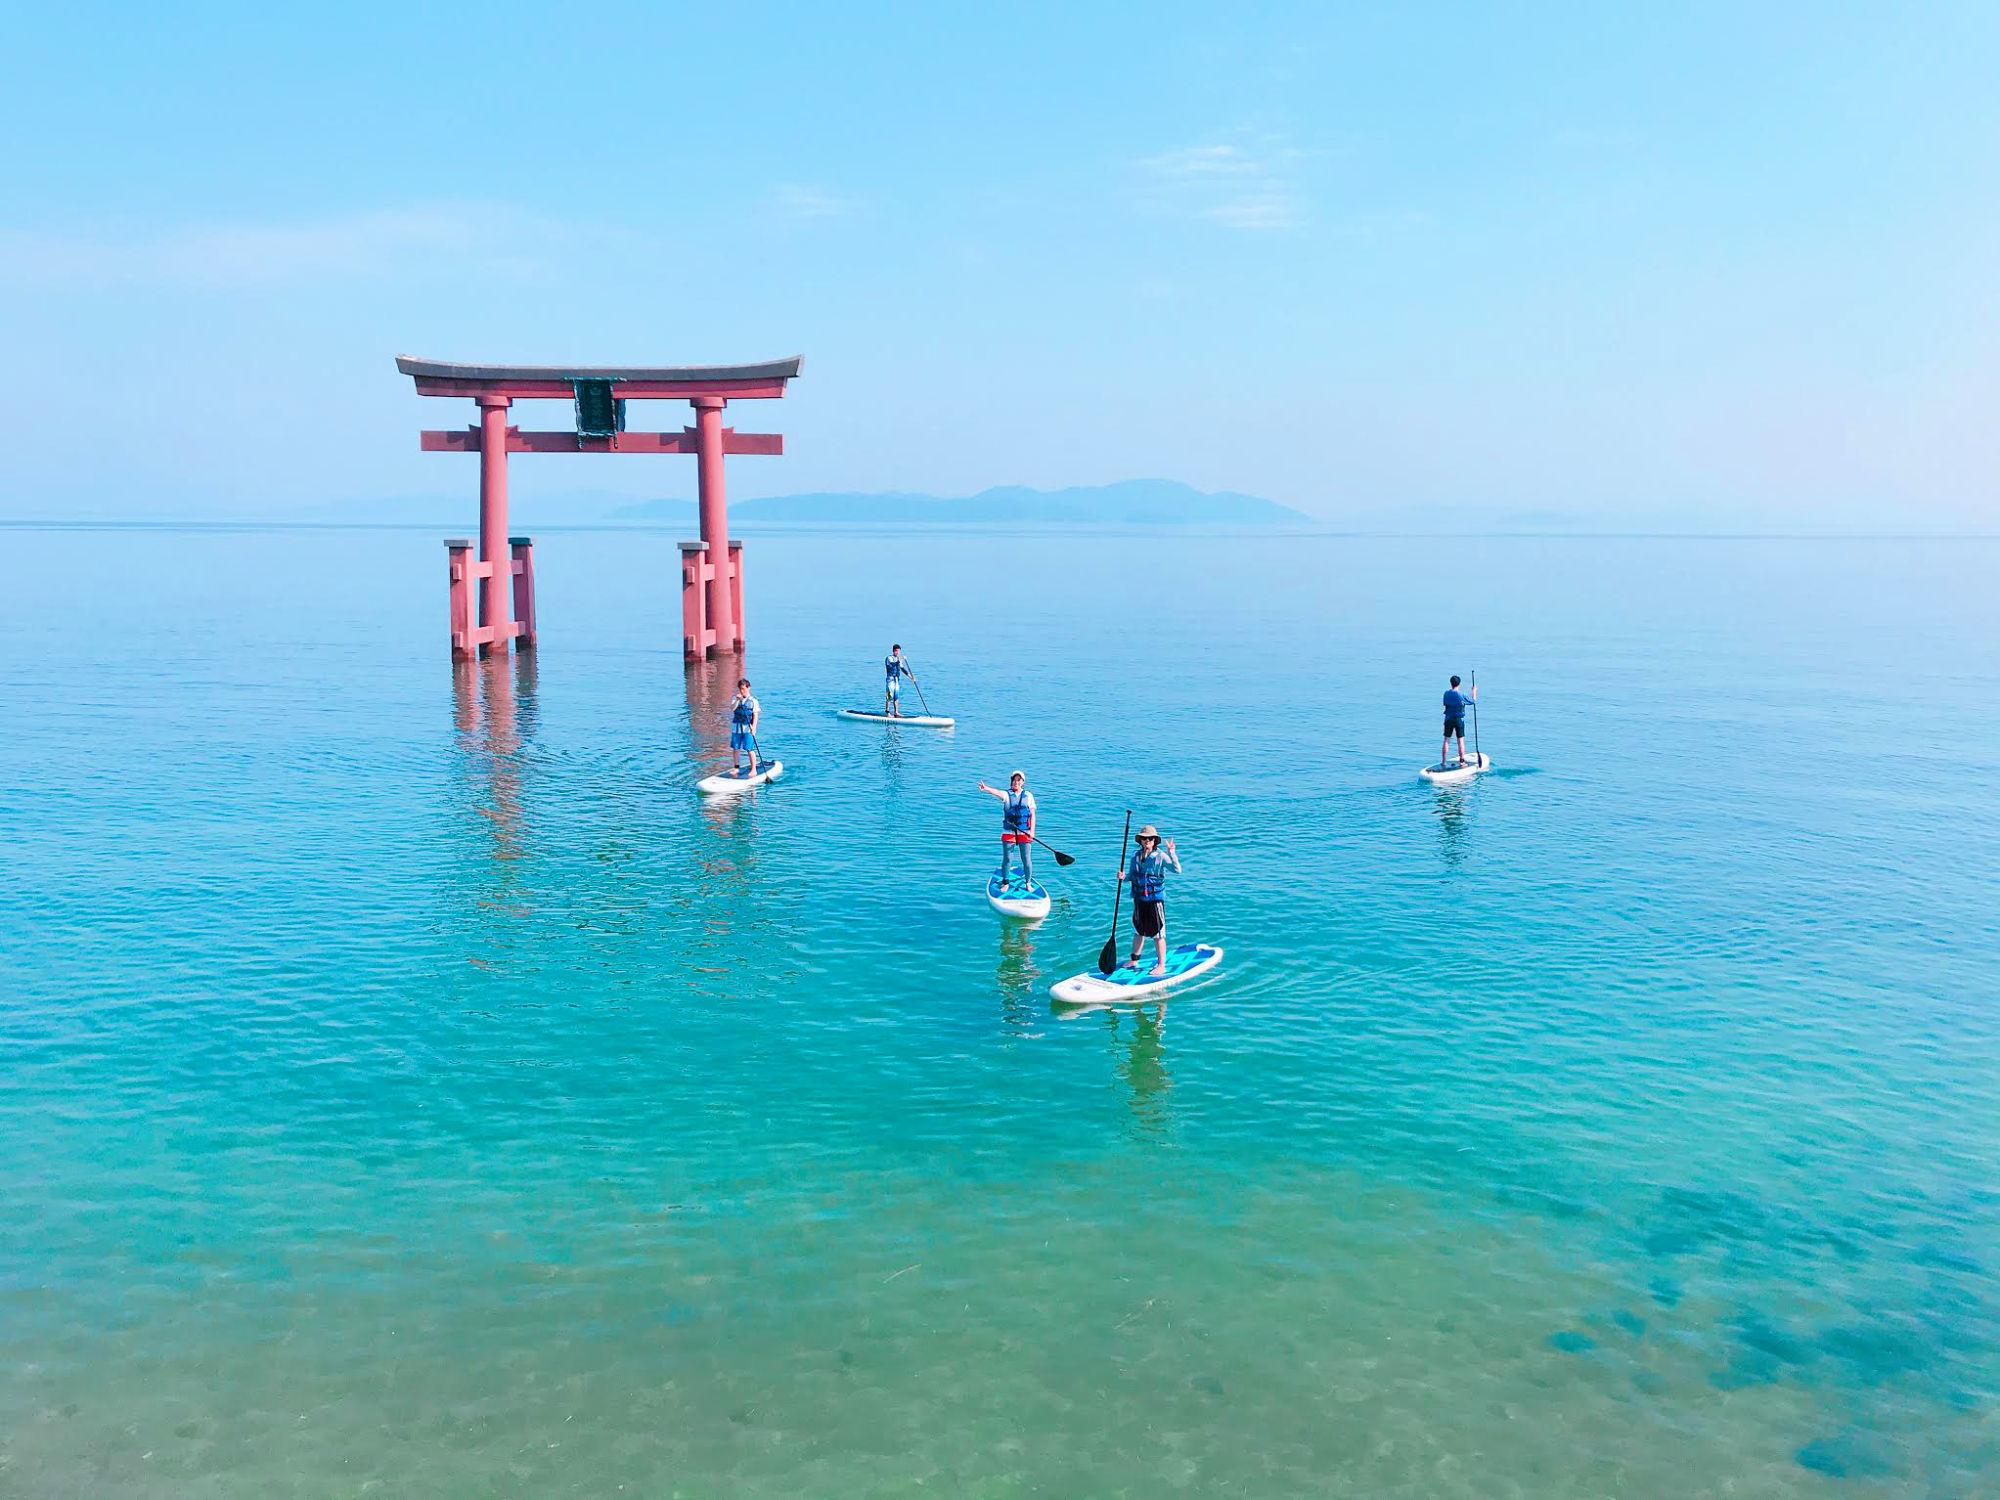 関西サップ人気ナンバー1プラン「びわ湖 白ひげサップ体験ツアー」